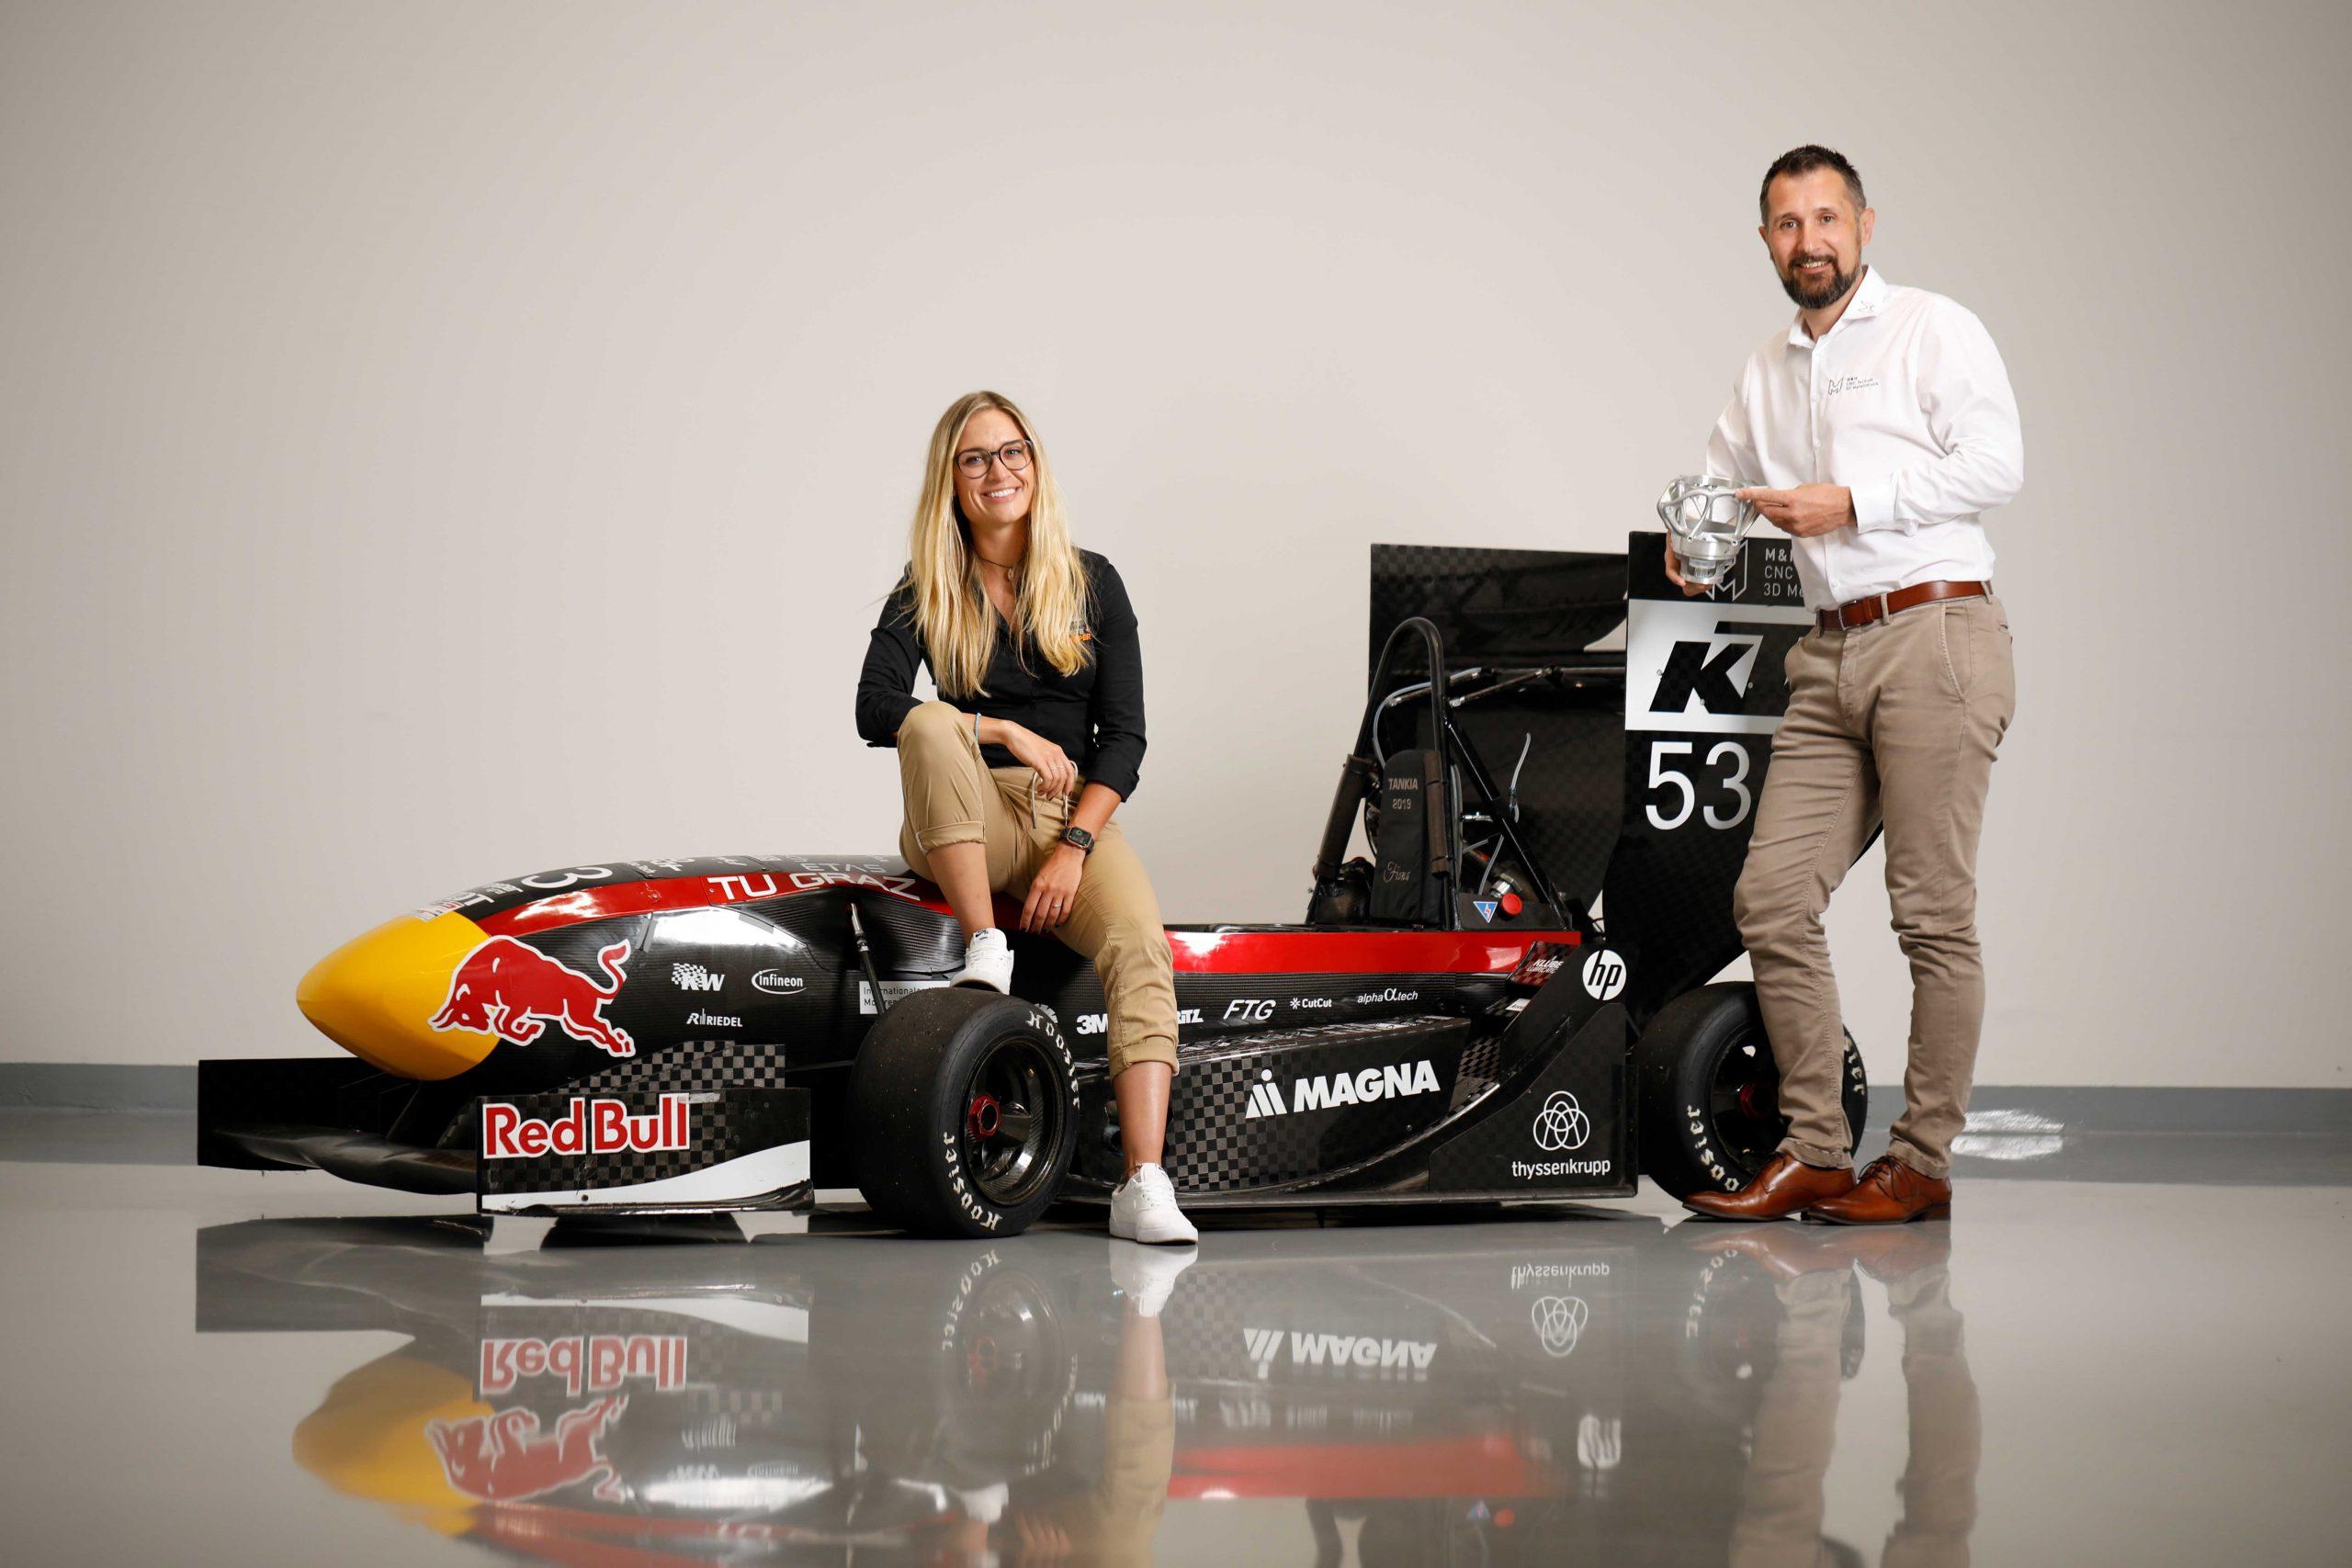 Gehen Kooperation ein: Rennsportlerin Corinna Kamper und M&H-Geschäftsführer Patrick Herzig (Foto: Lueflight)